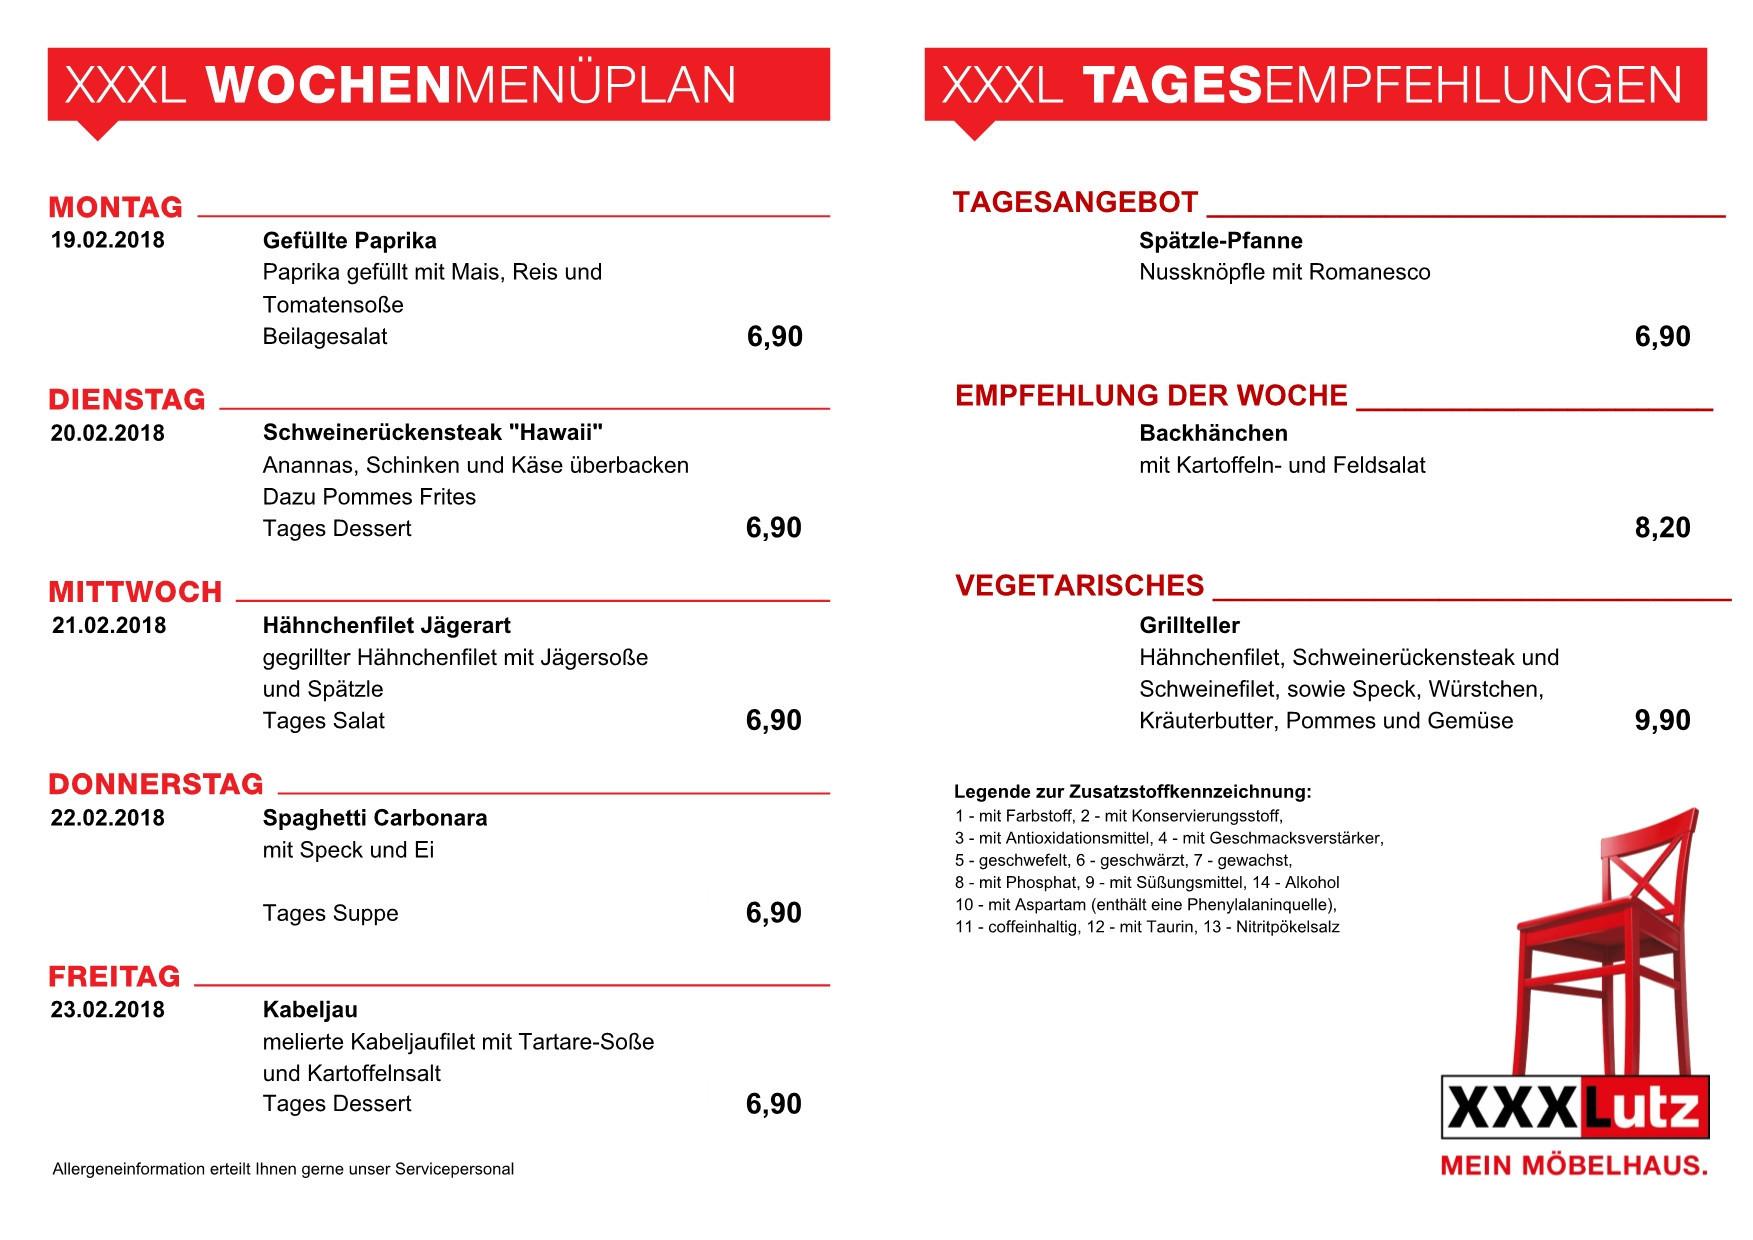 Beste Mönke Fleisch Zeitgenössisch - Hauptinnenideen - kakados.com